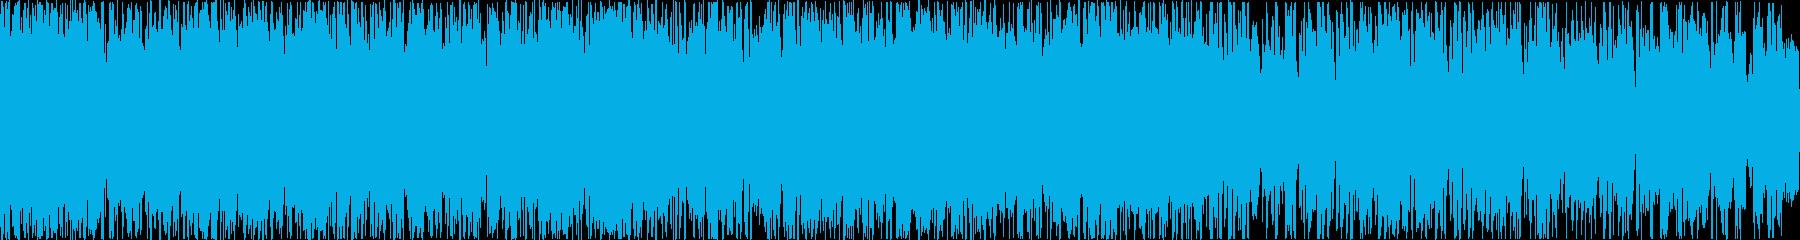 シンプル、シネマティック、エレクトロ、Lの再生済みの波形